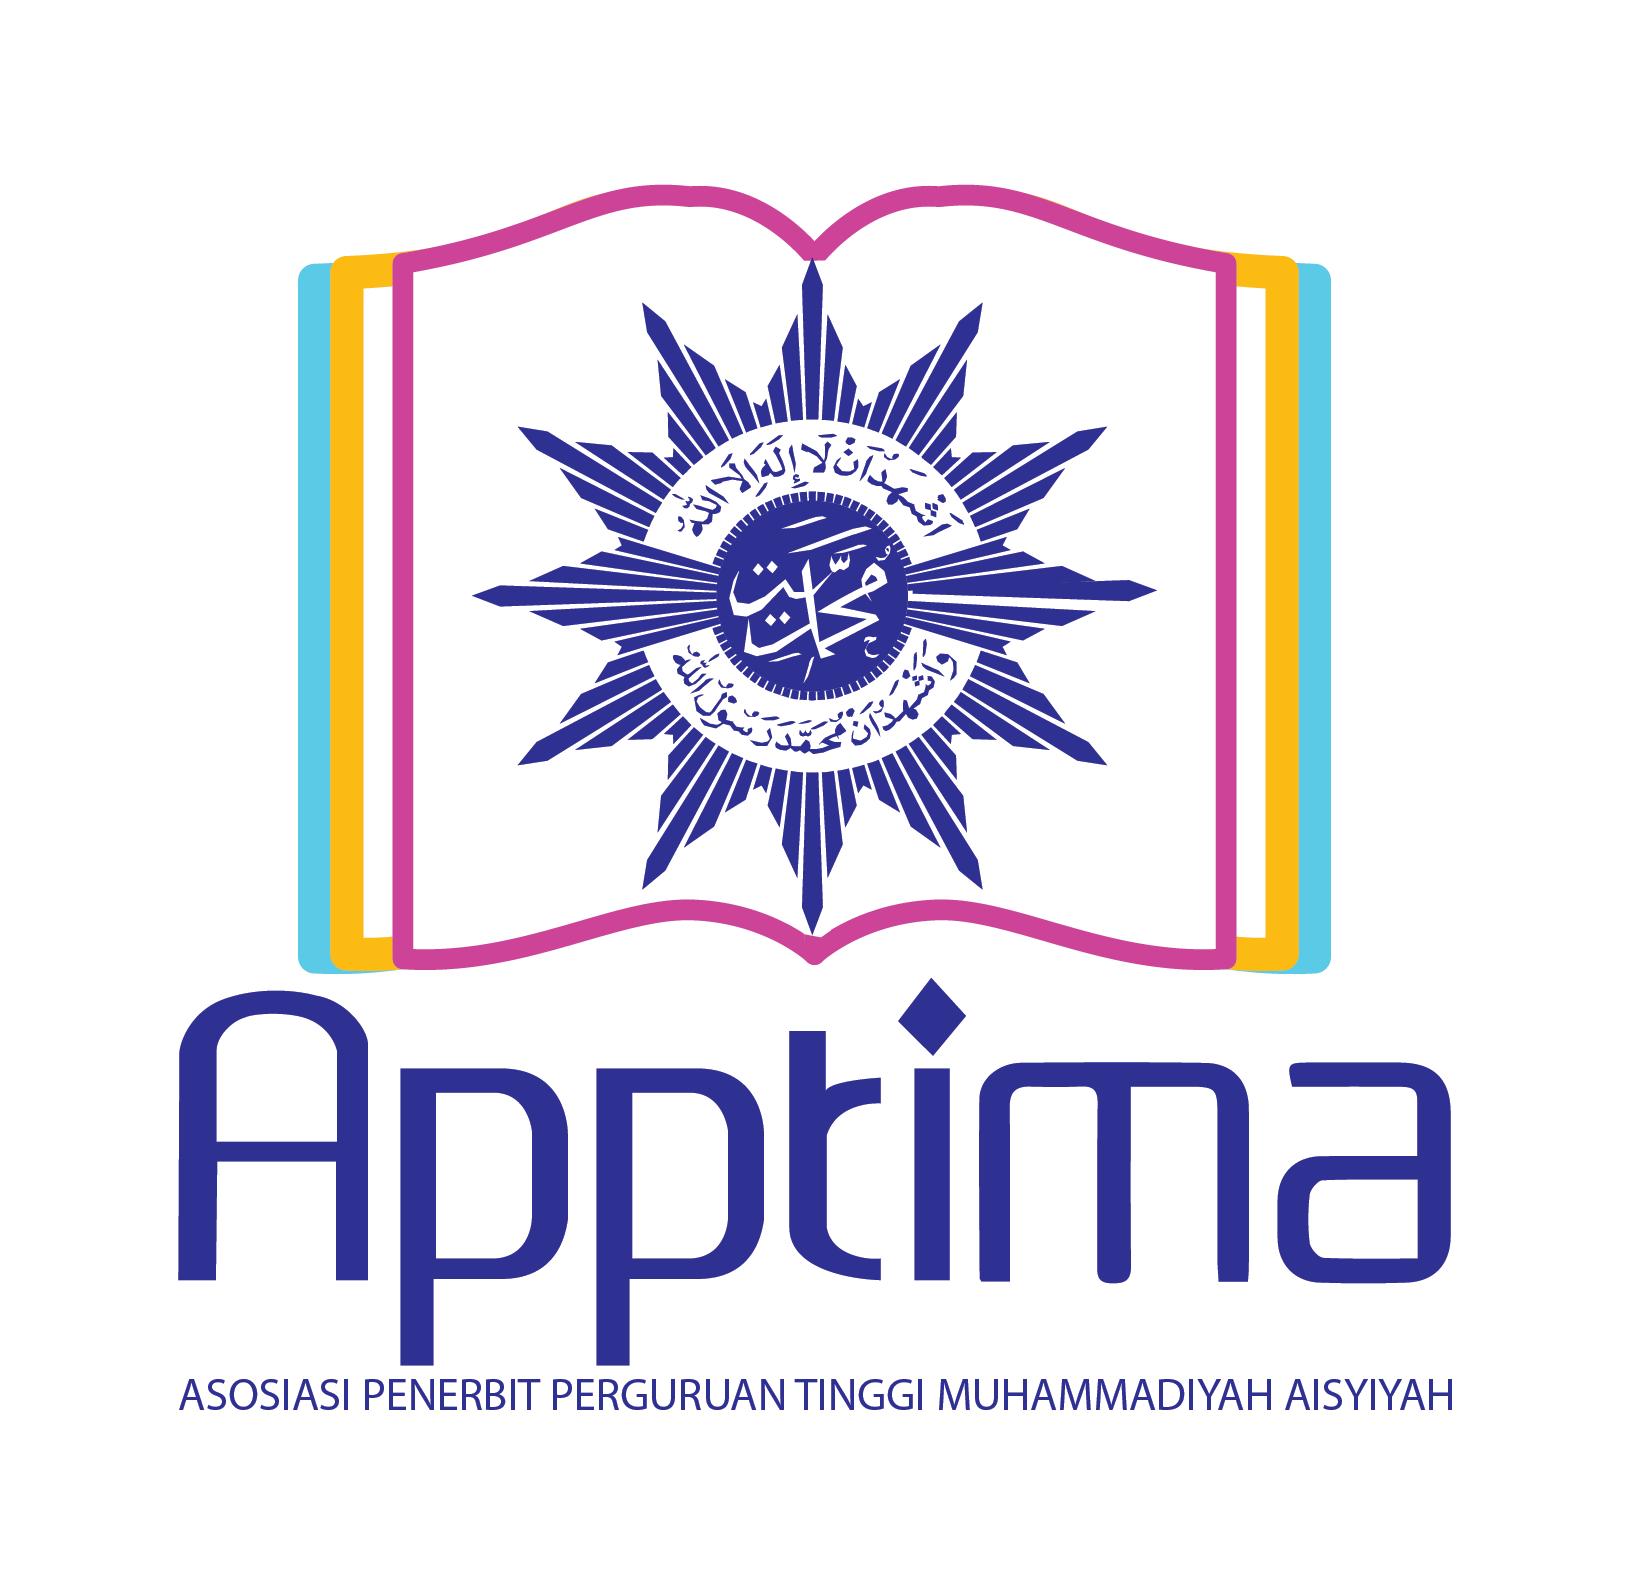 Asosiasi Perguruan Tinggi Muhammadiyah Aisyiyah